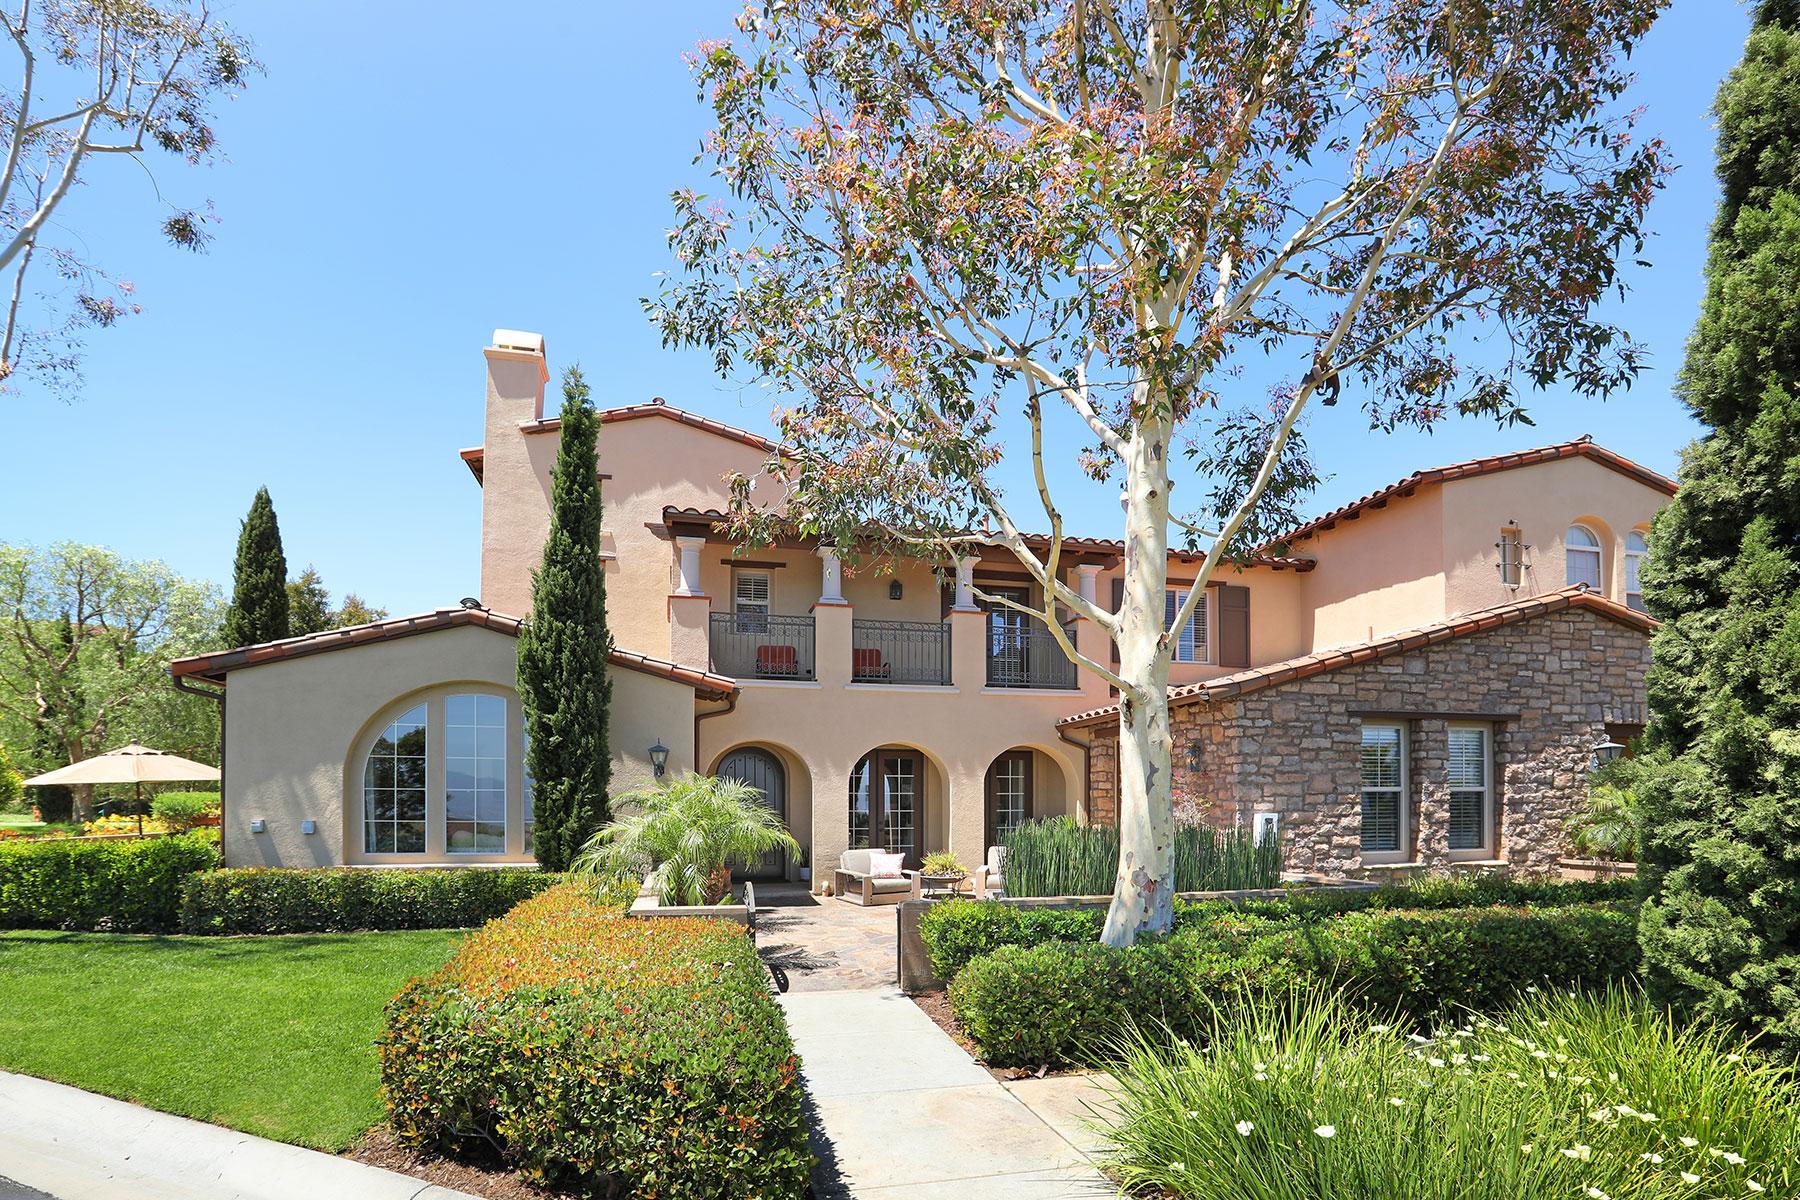 Maison unifamiliale pour l Vente à 10 San Sovino Newport Coast, Californie, 92657 États-Unis